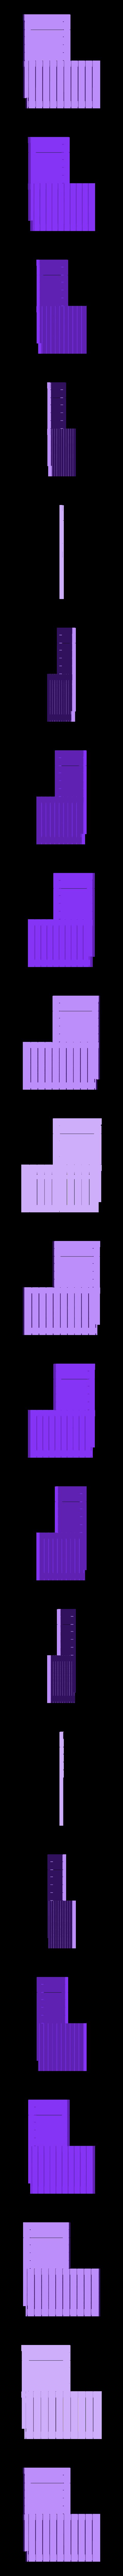 floor_corner1.stl Télécharger fichier STL gratuit Ripper's London - The (Modular) Factory • Modèle pour imprimante 3D, Earsling